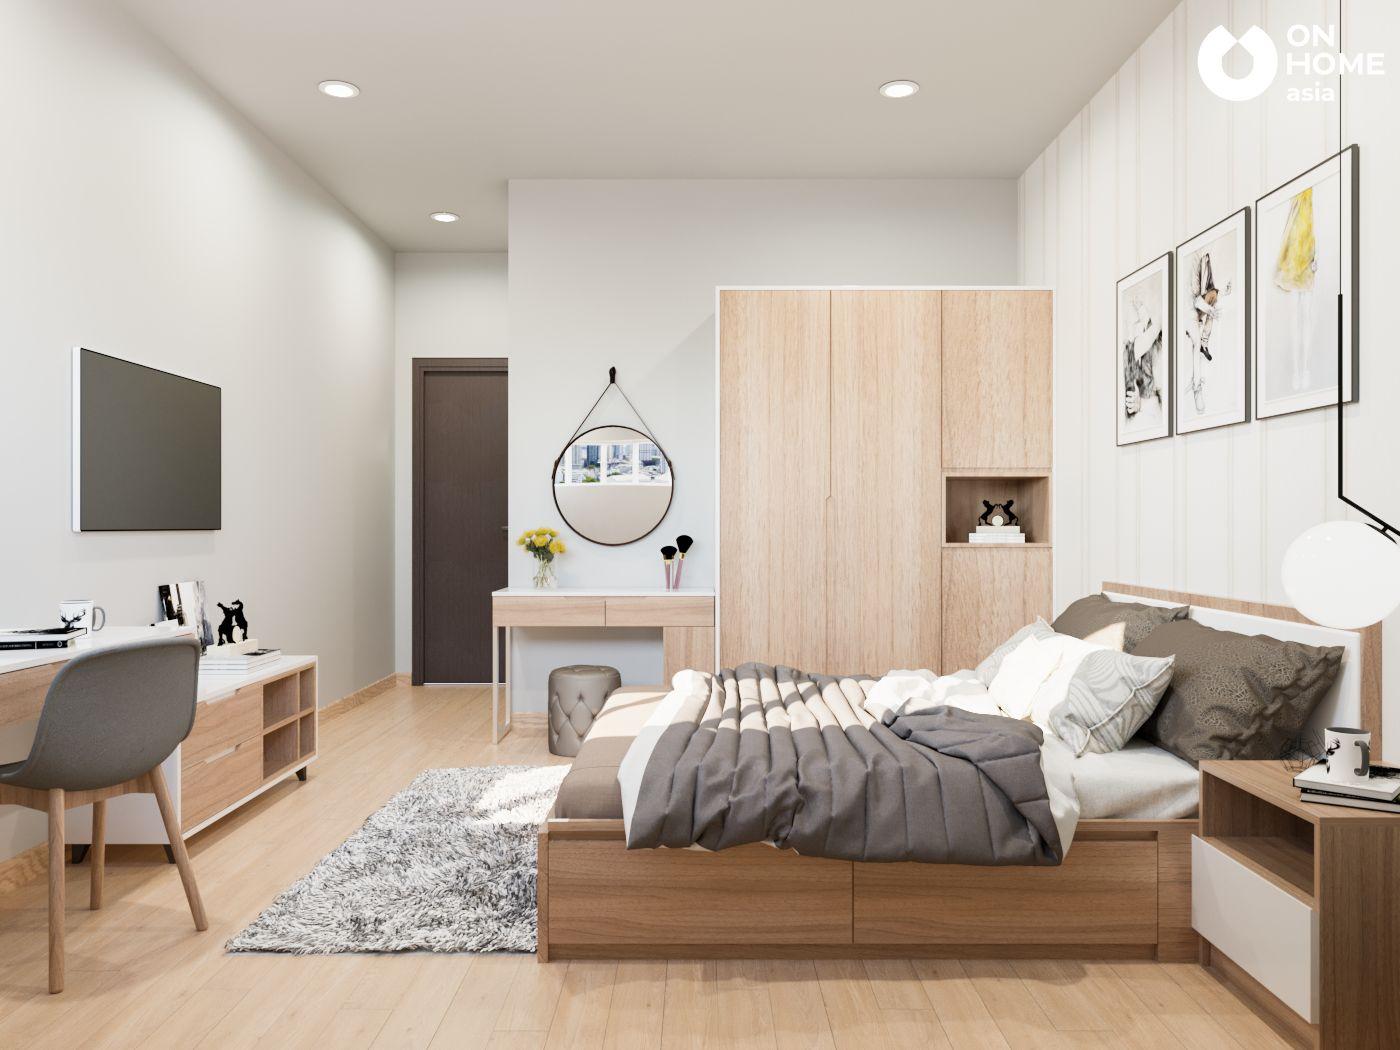 Nội thất phòng ngủ chung cư 2 phòng ngủ